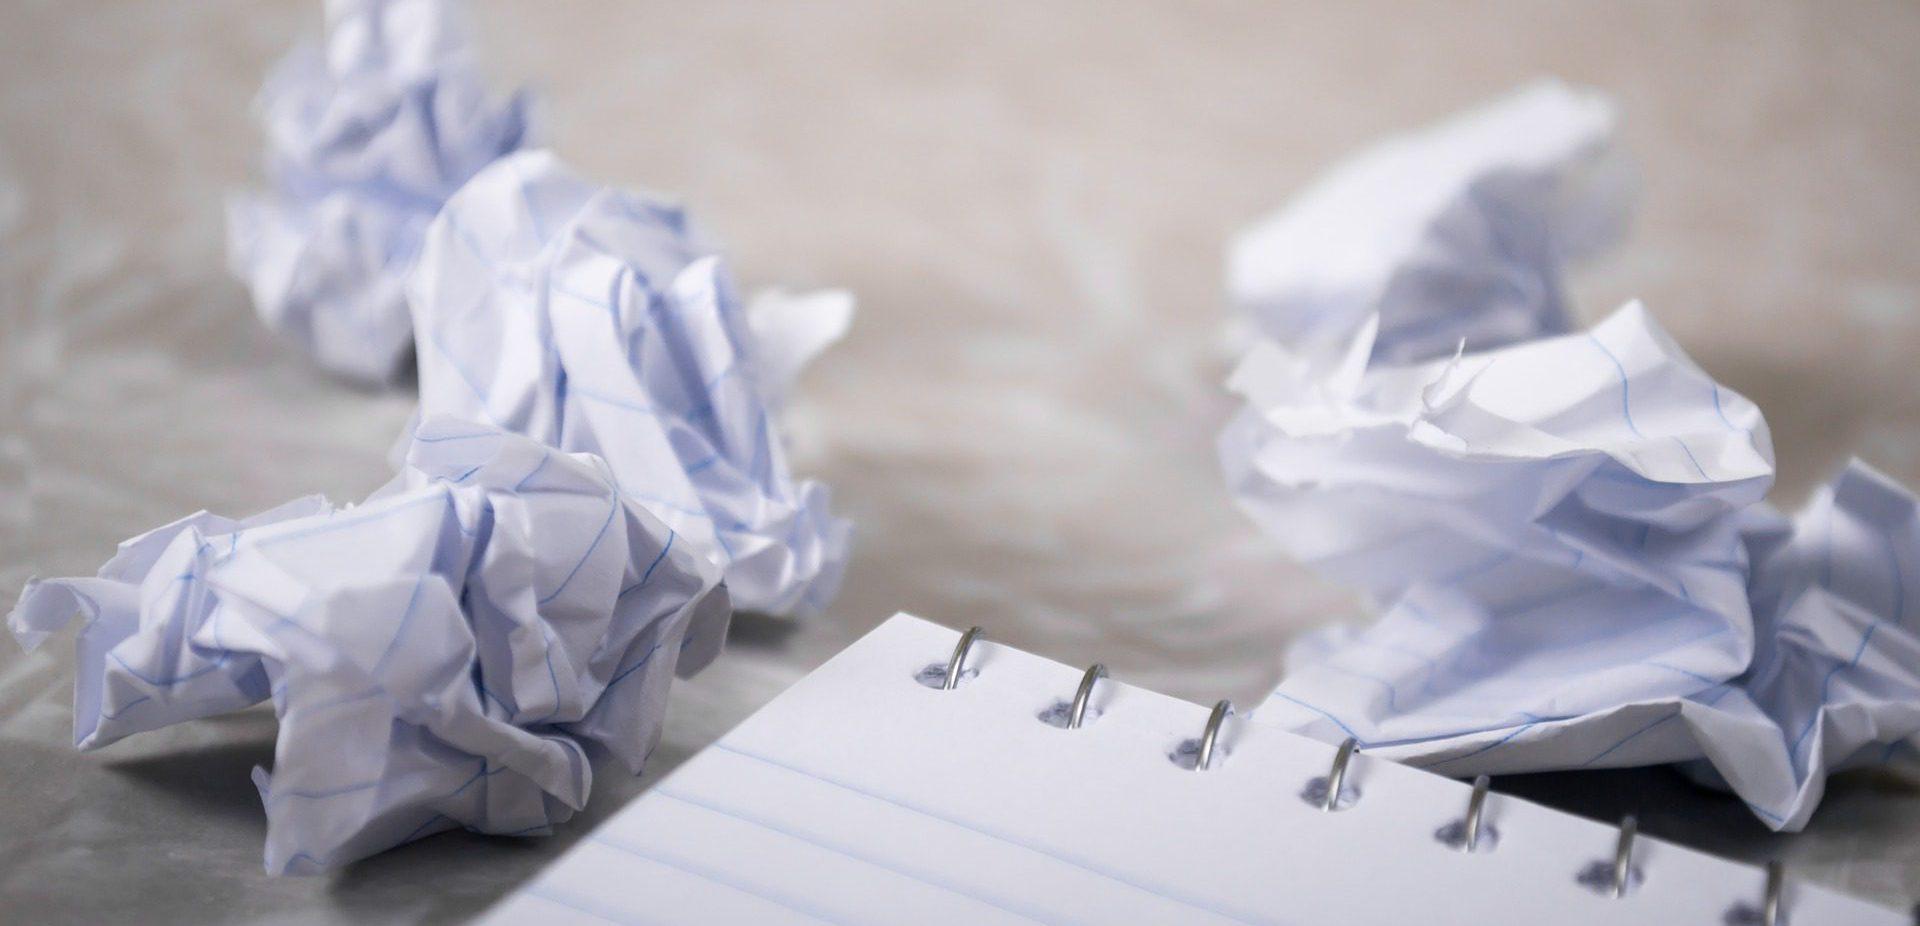 Ein Schreibblock mit einigen herausgerissenen und zerknüllten Seiten.